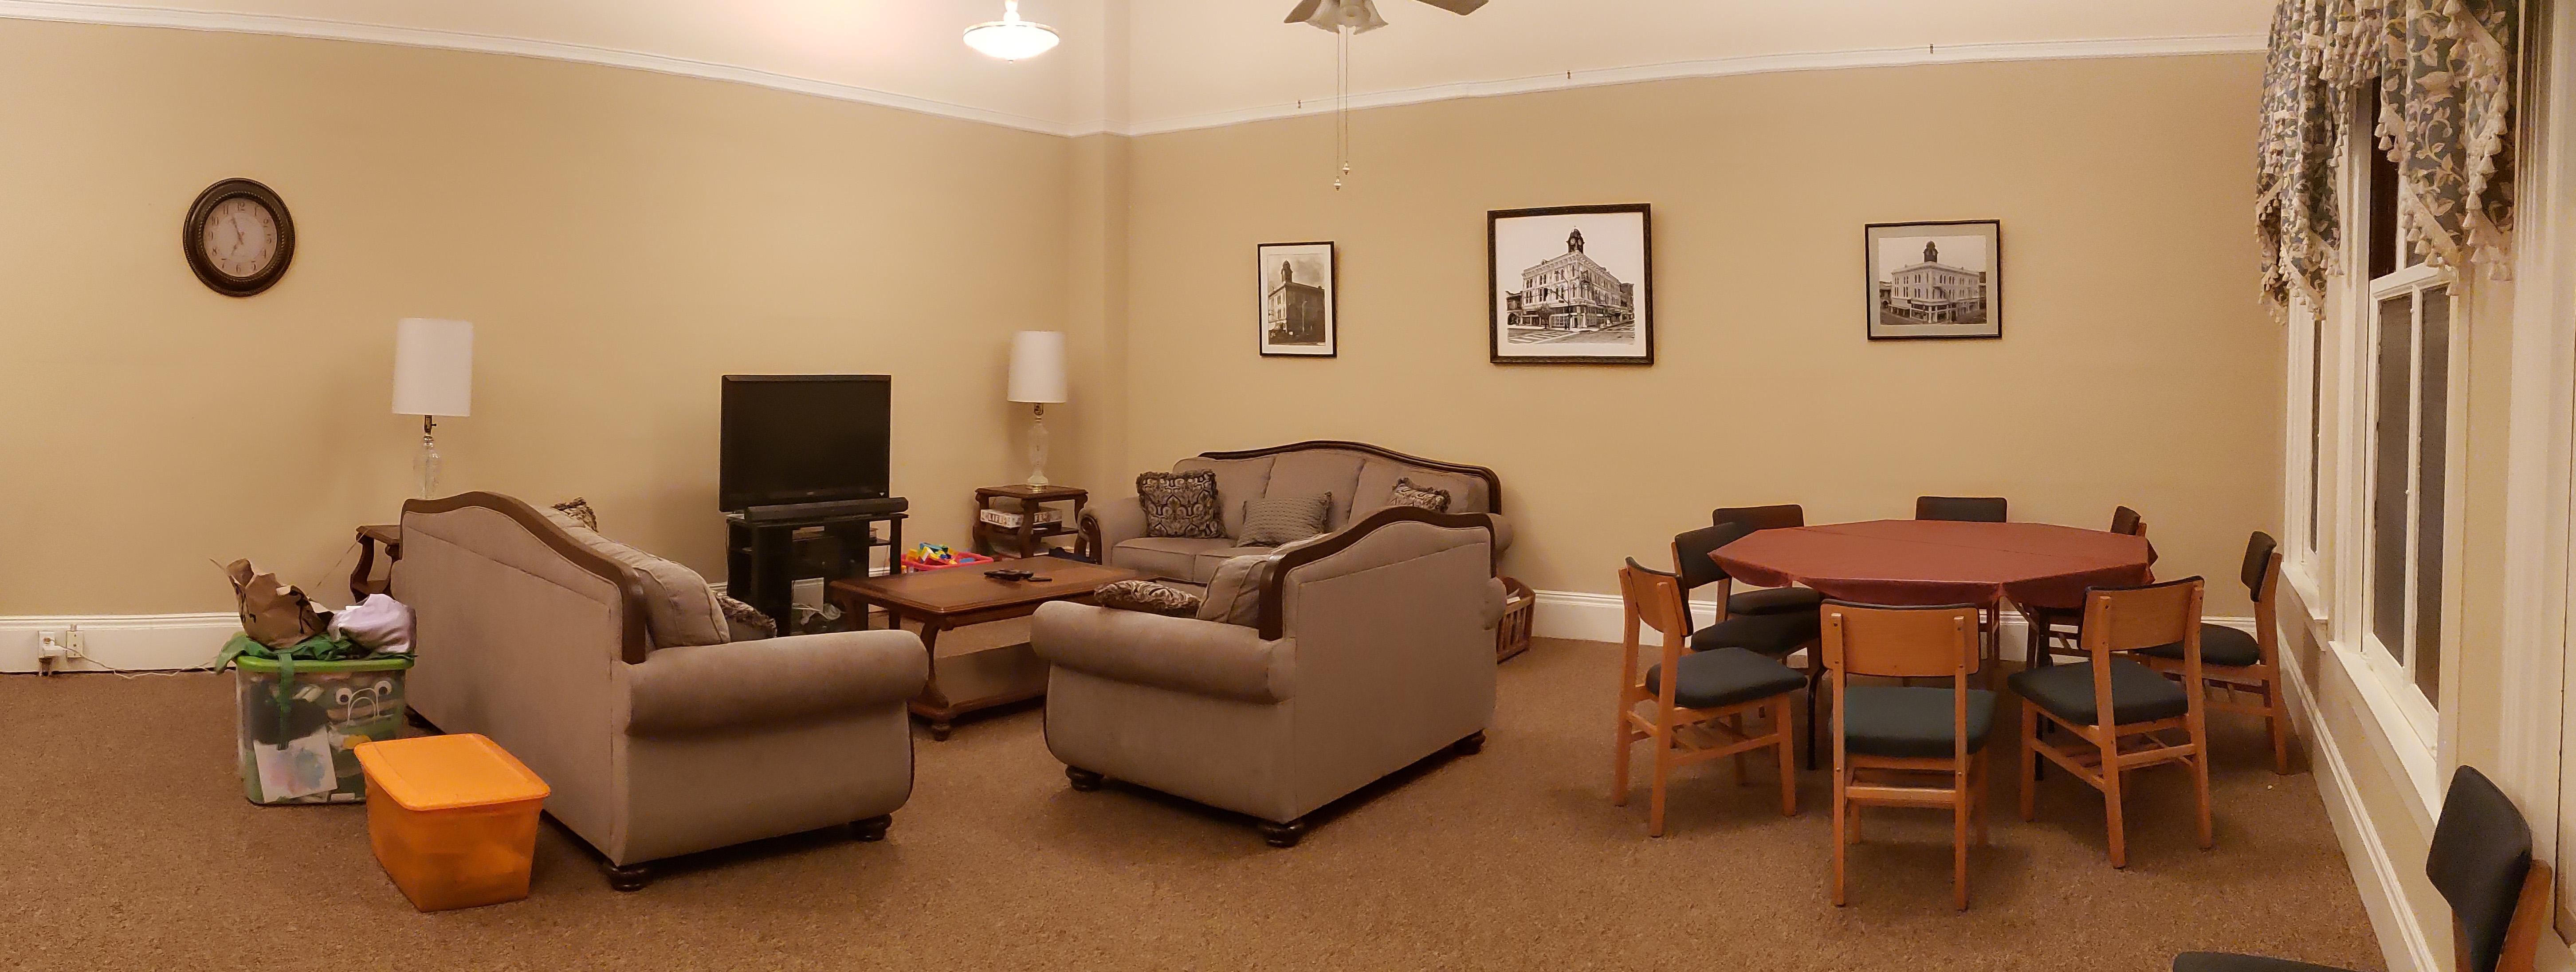 Family room 3rd floor